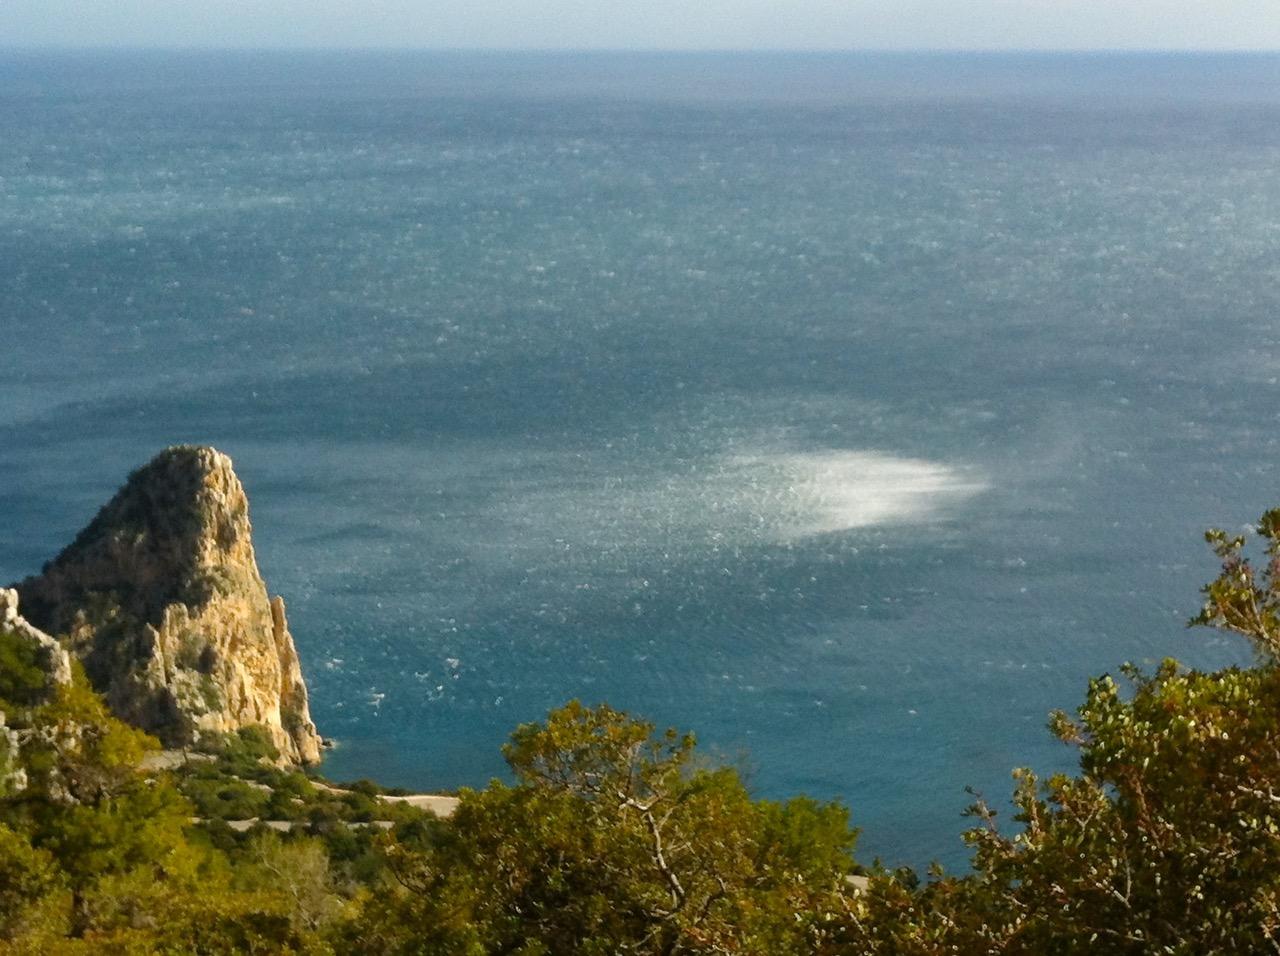 Nicht selten: Böen auf dem Meer vorm Supramonte